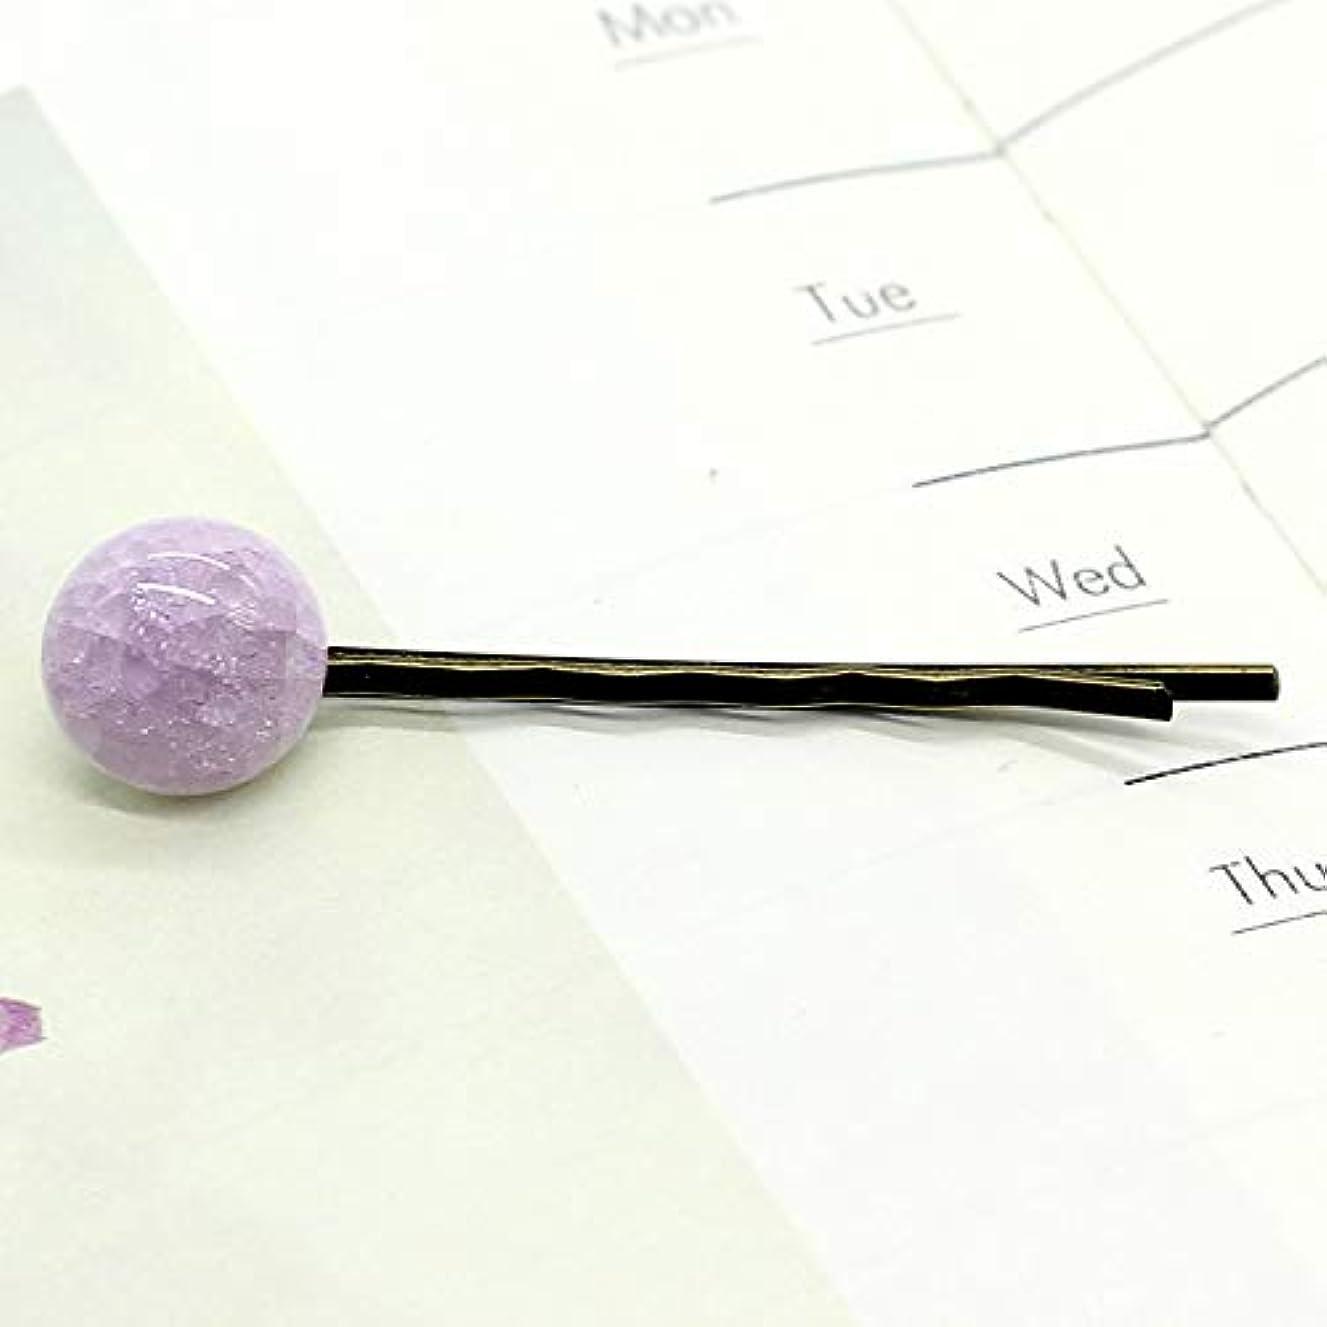 ジャンクション上標準HuaQingPiJu-JP ファッションシンプルなキャンディー色の子供のヘアピン便利なヘアクリップ(ピンク)